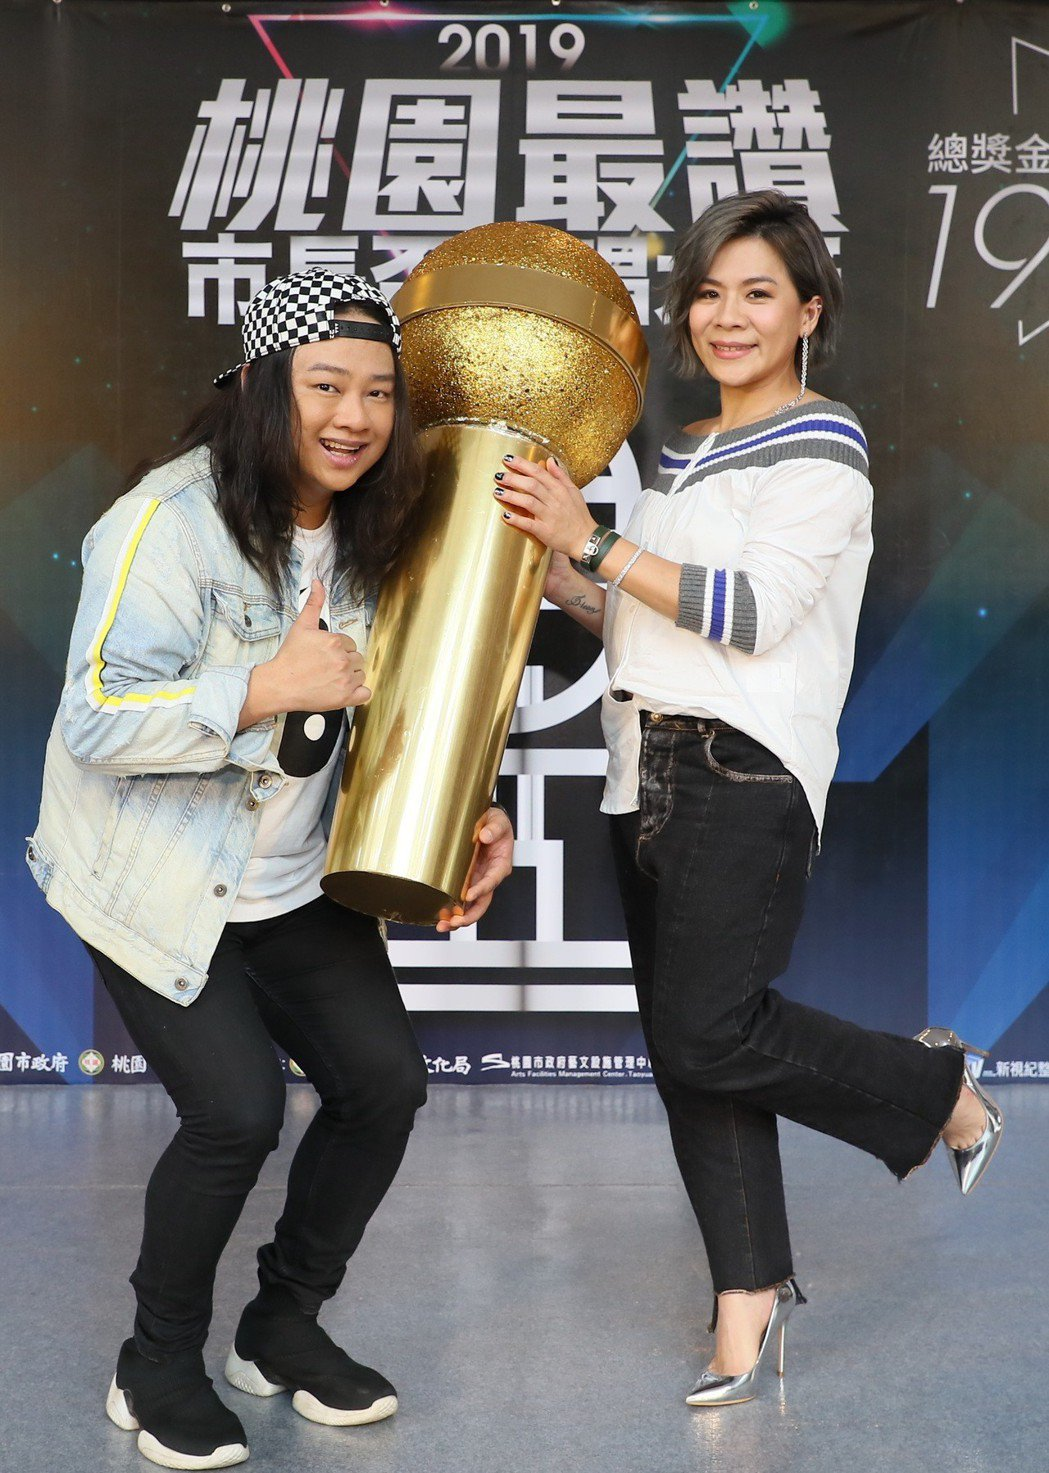 賴銘偉(左)、江美琪擔任「2019第一屆桃漾天籟歌唱大賽」代言人。圖/新視紀整合...